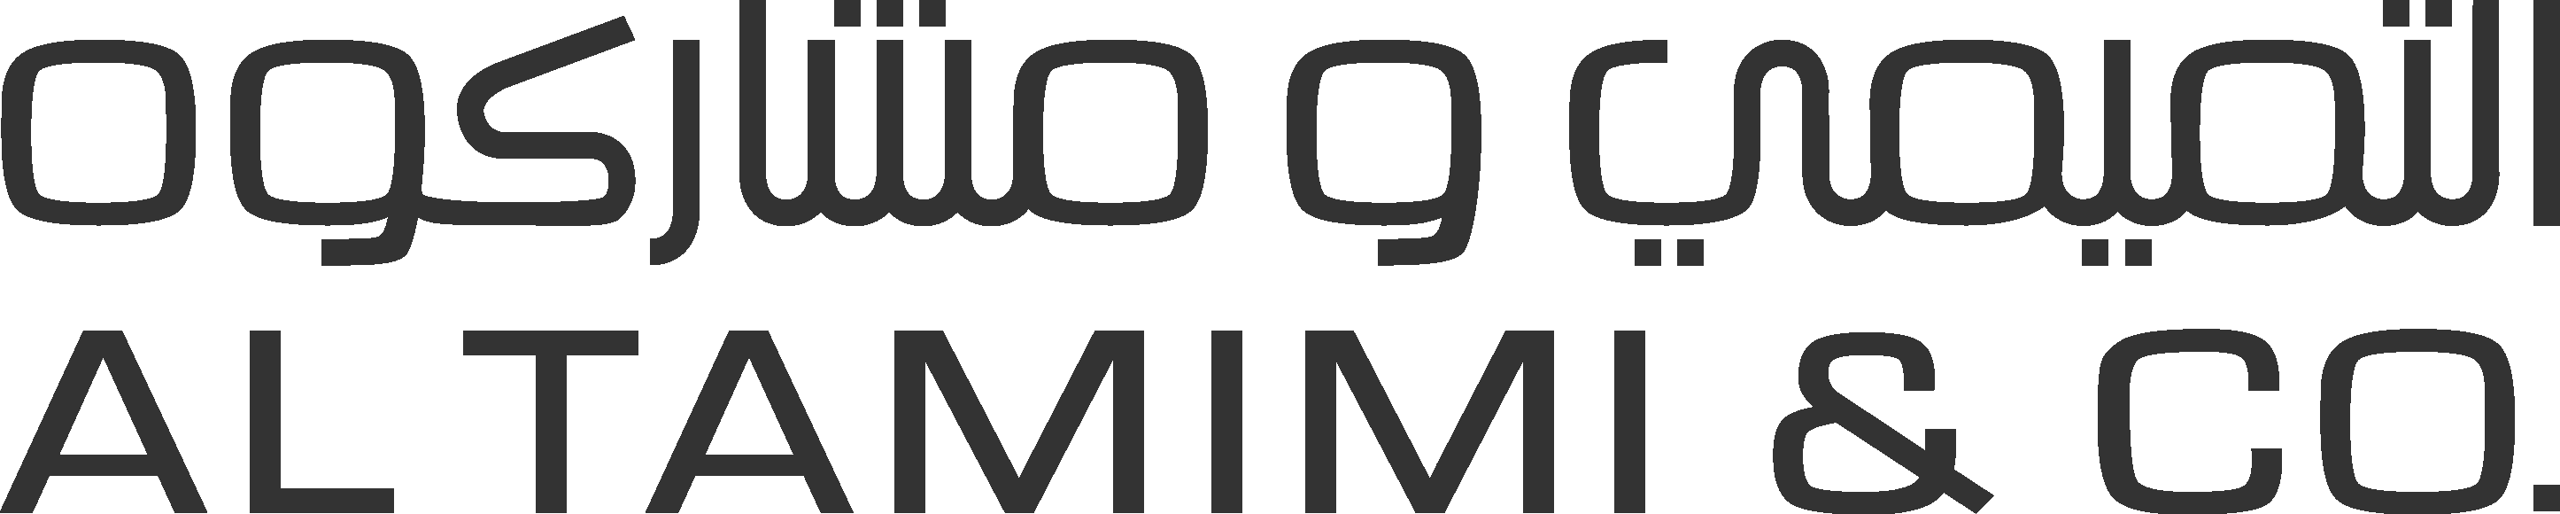 Al Tamimi logo